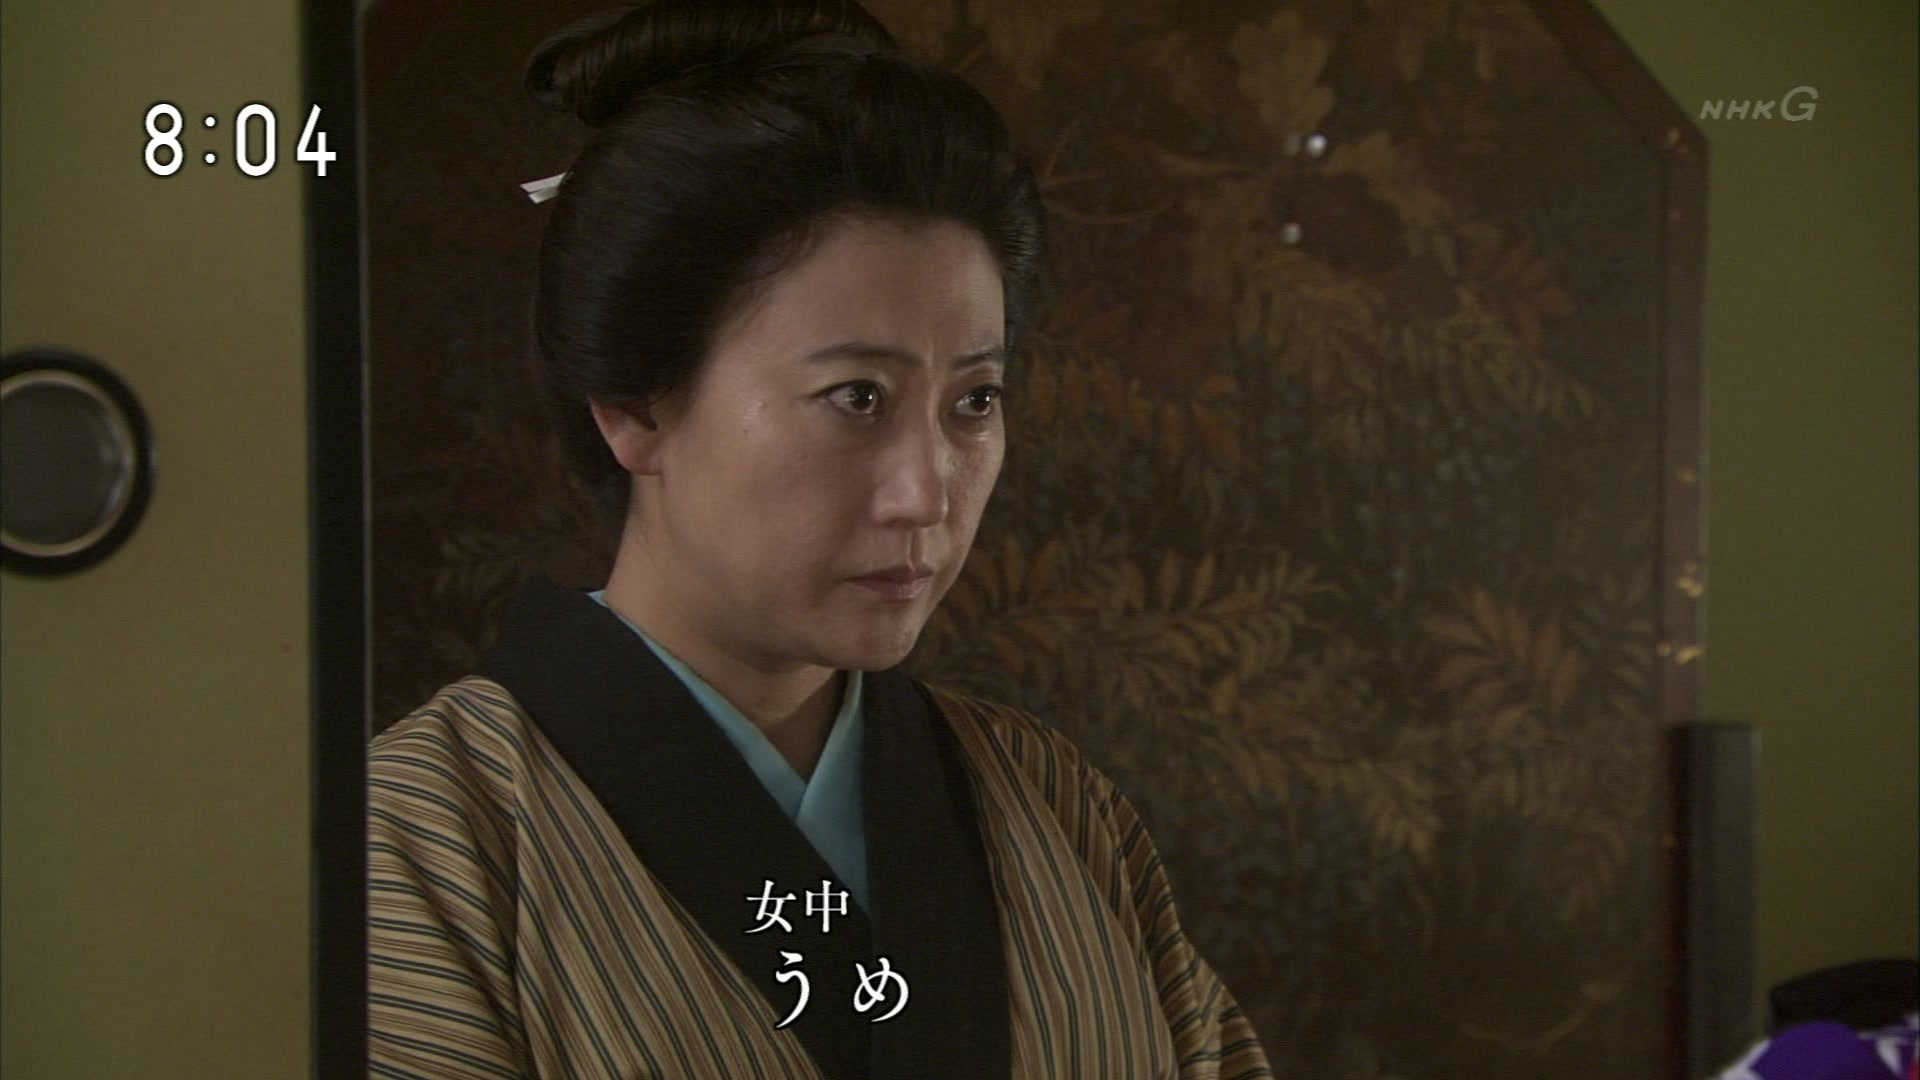 2015-10-08 08:00 連続テレビ小説 あさが来た(10)「ふたつの花びら」 0909